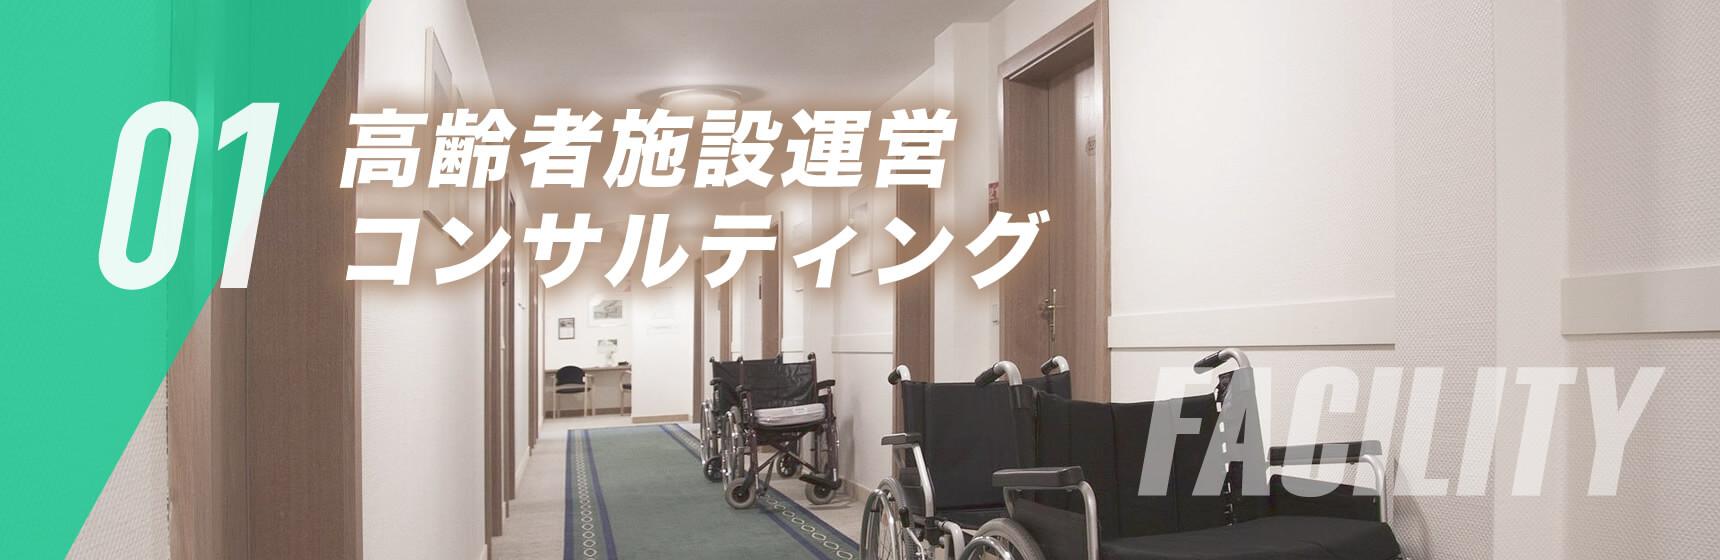 高齢者施設運営コンサルティング